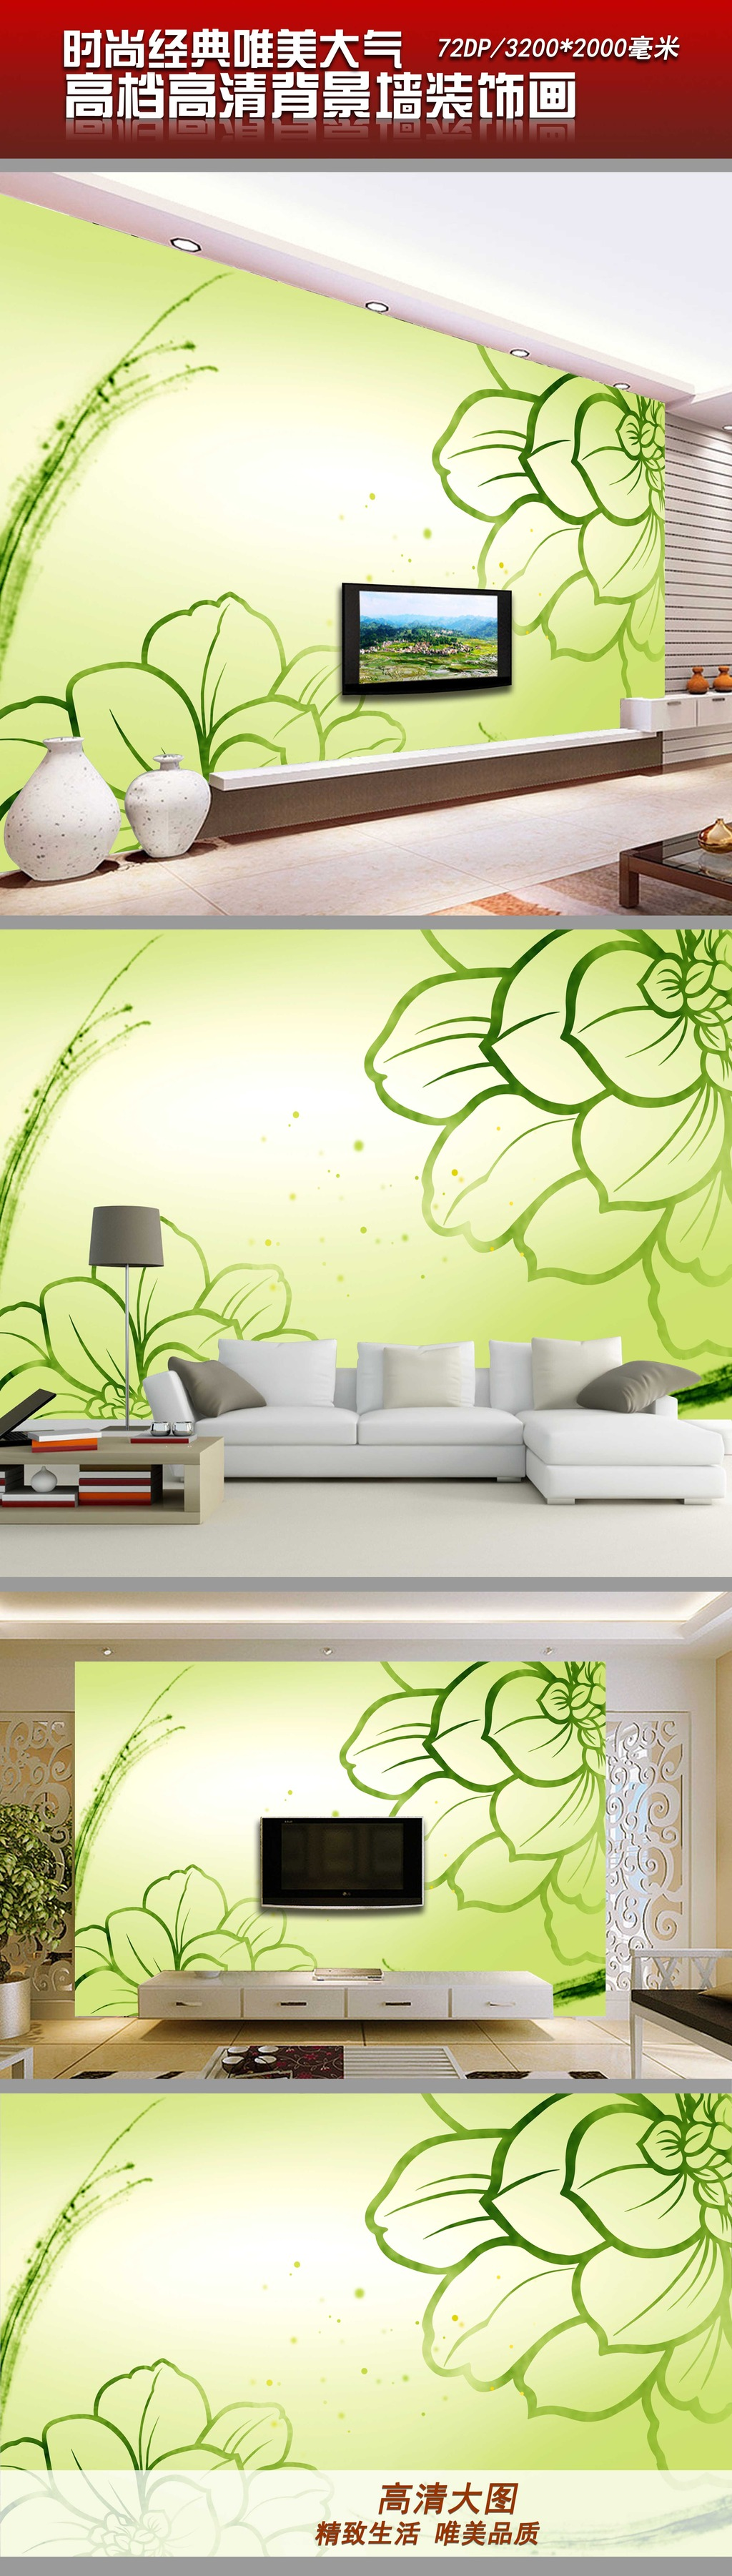 绿色简约手绘花电视背景墙